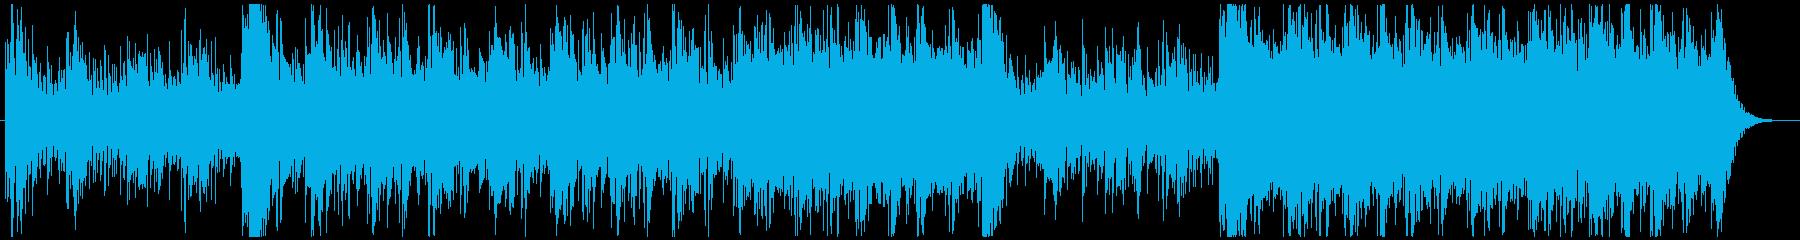 エネルギッシュなトレーニングBGMの再生済みの波形